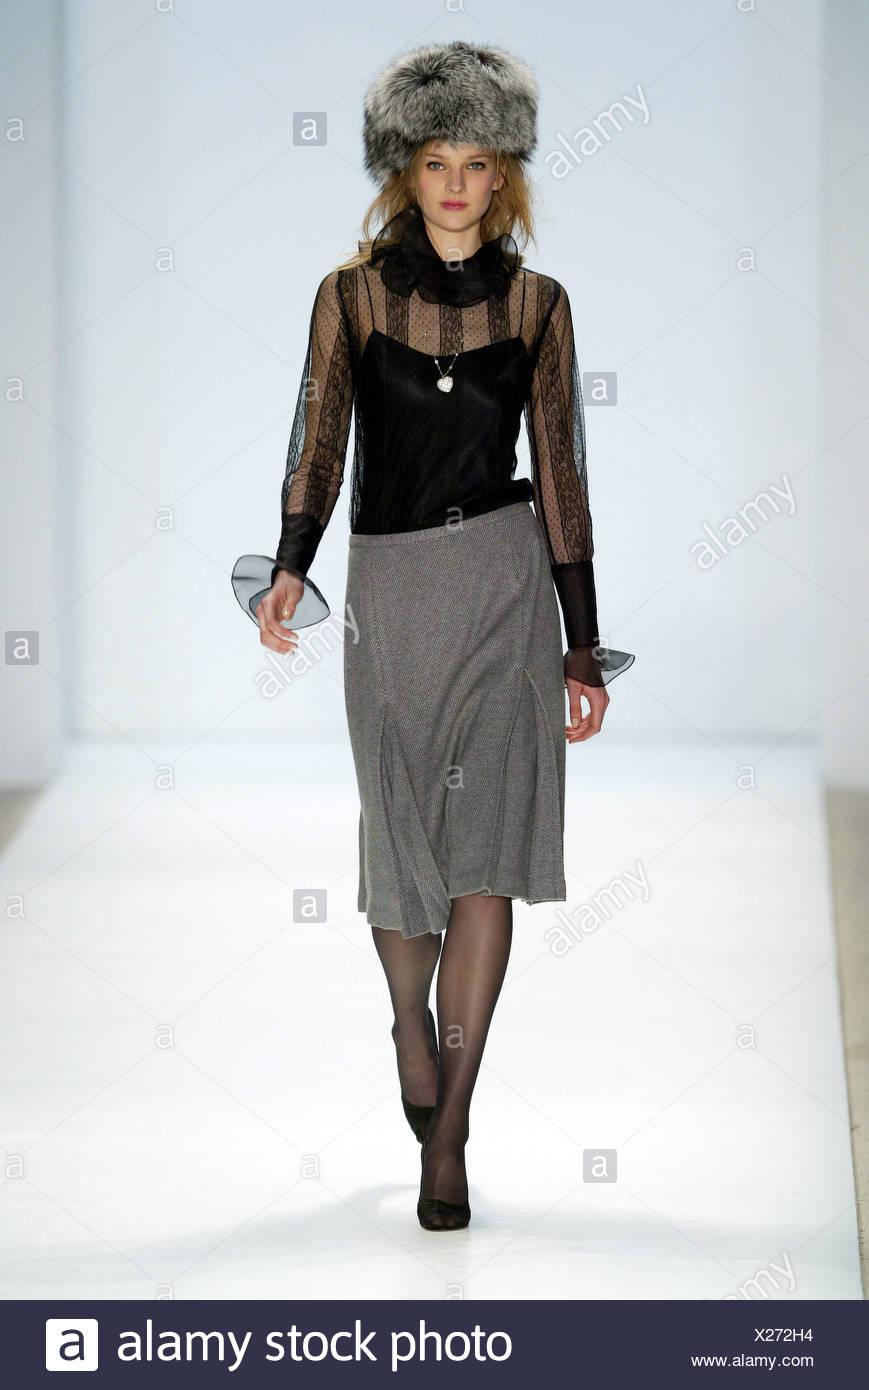 Schwarze Bluse Mit Durchsichtigen Armeln Stockfotos Schwarze